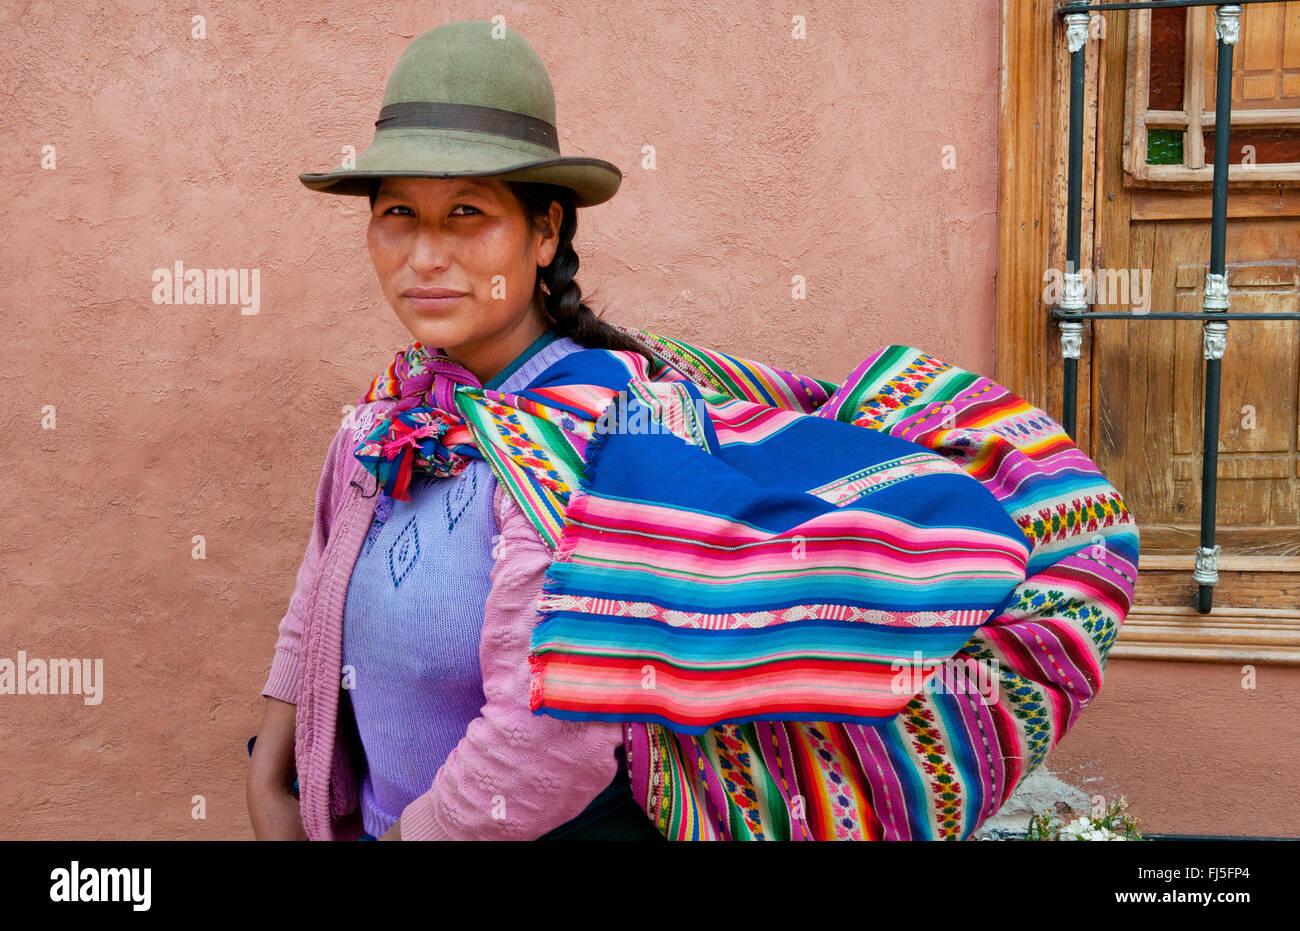 Mujer en ropa tradicional piggyback llevando a su bebé en un cabestrillo, retrato, Perú, Pisaq Imagen De Stock